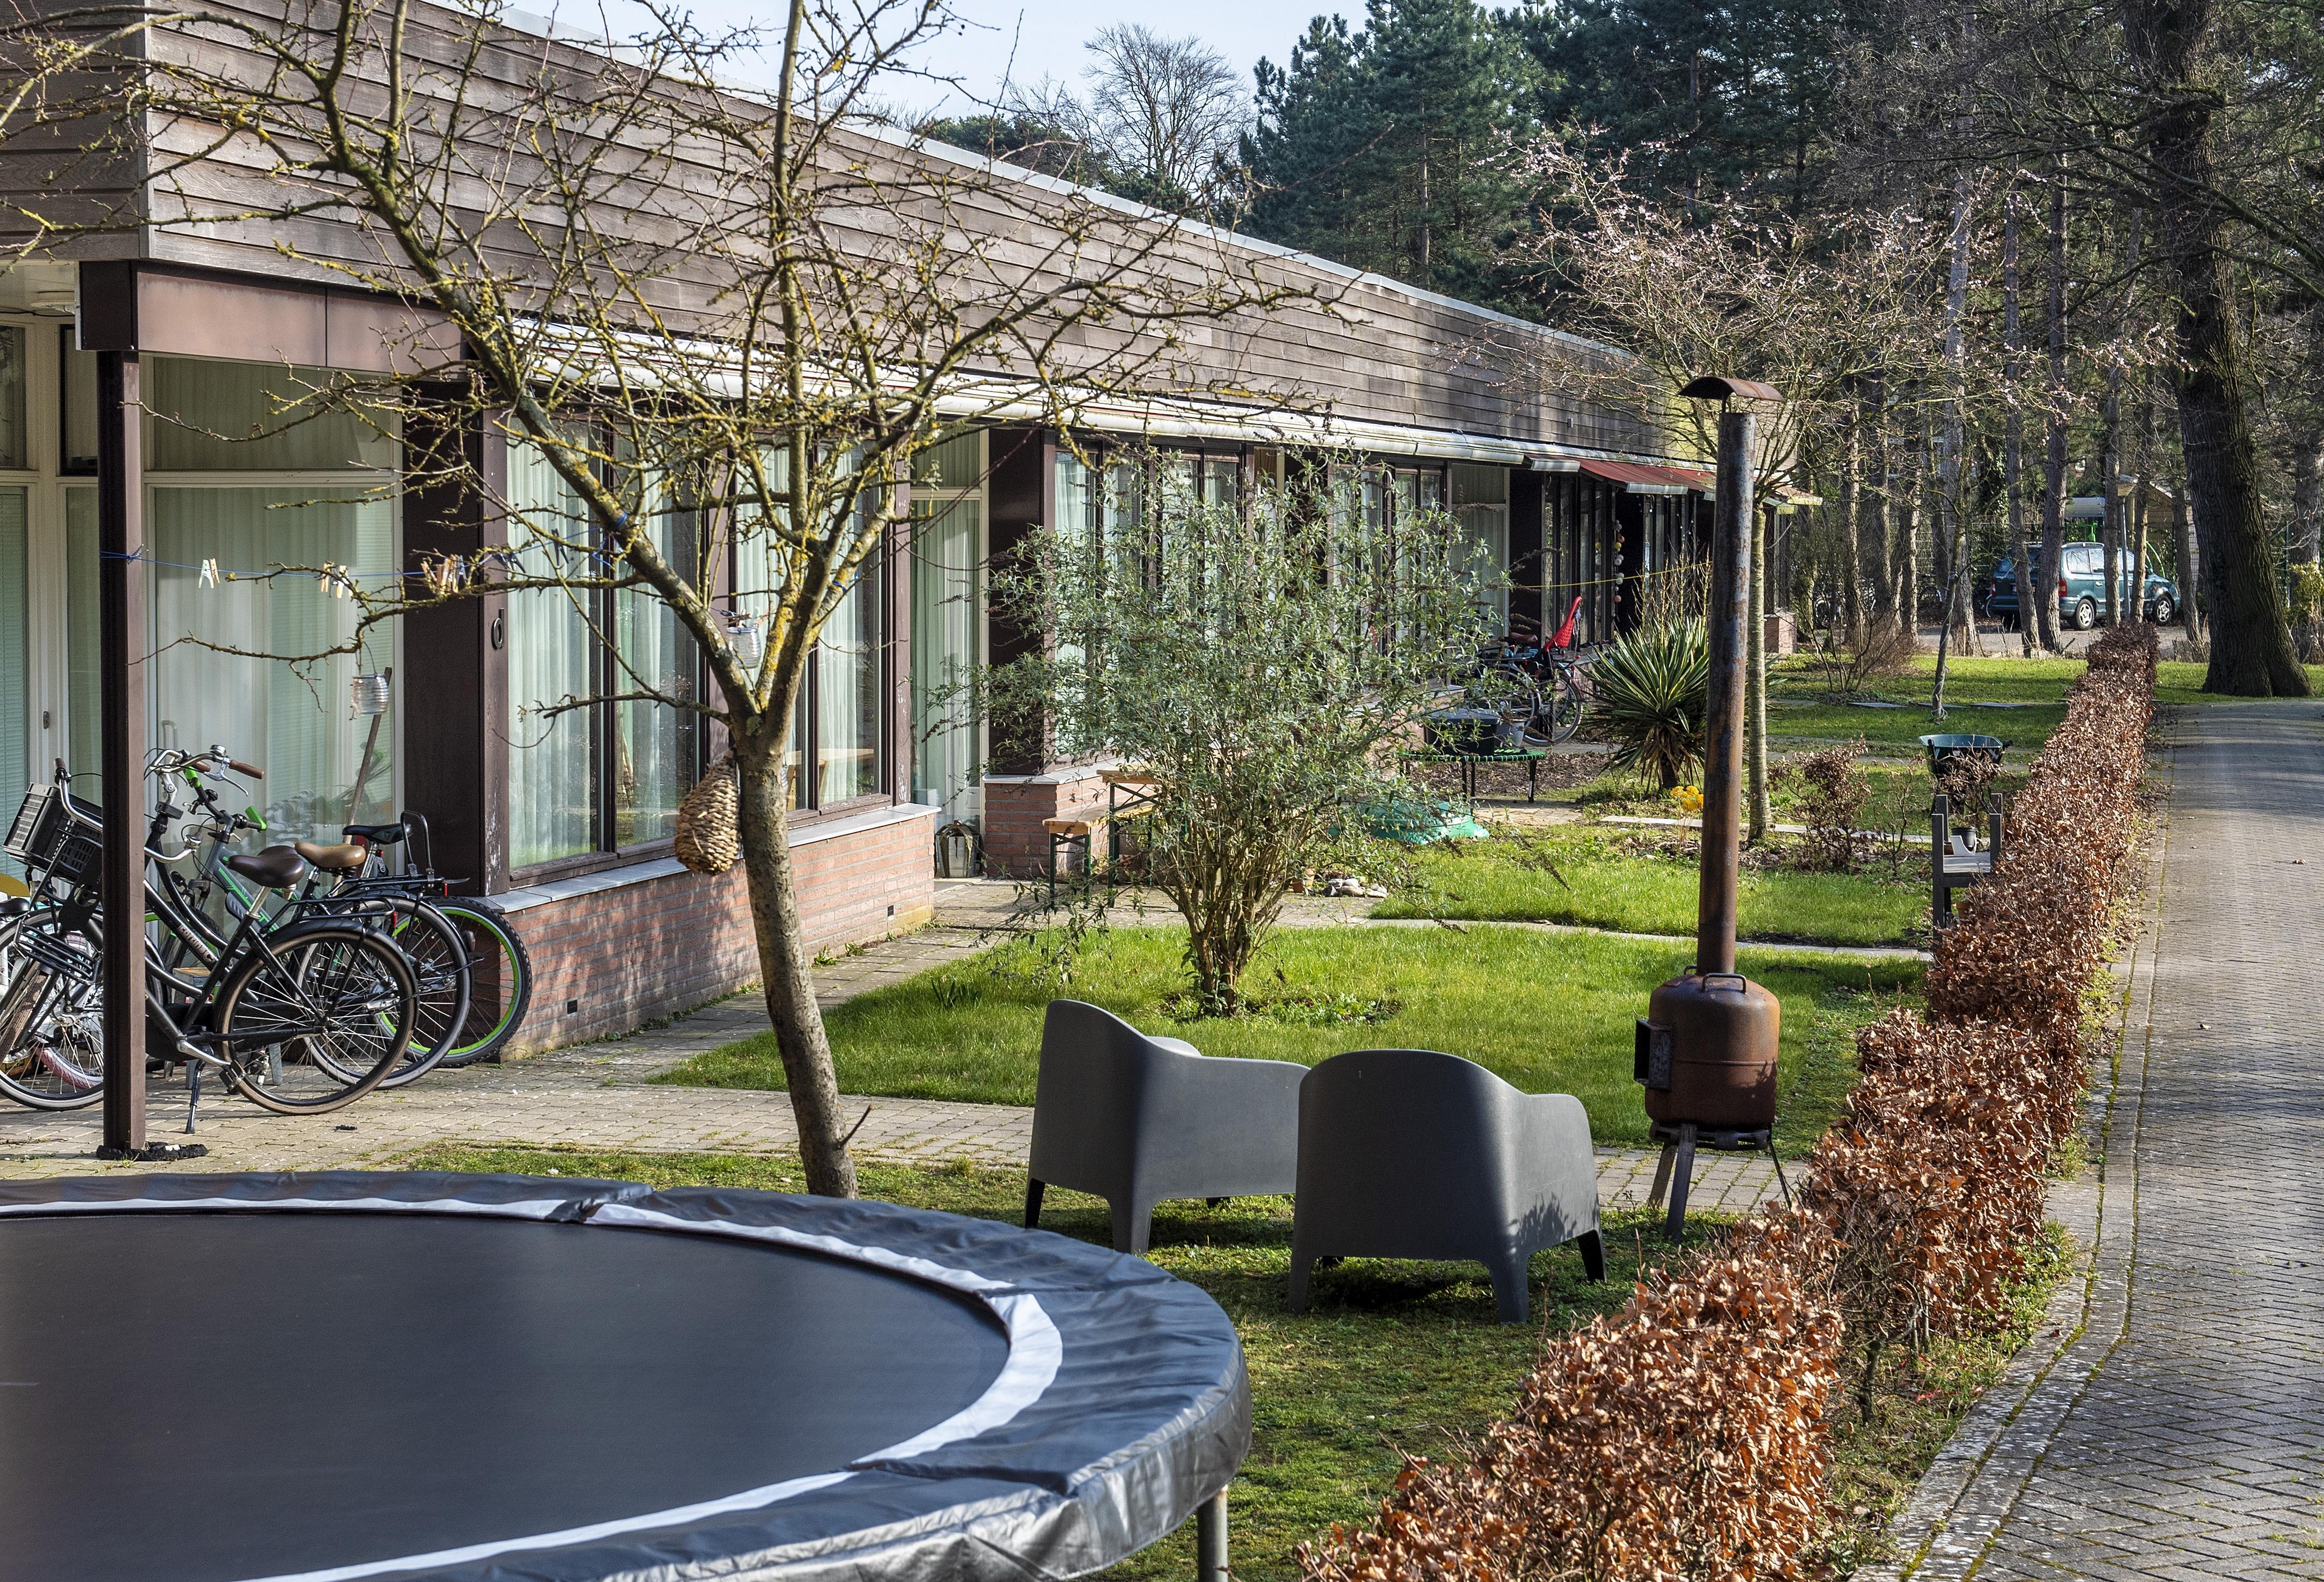 Nieuwe ronde voor 83 woningen op Dennenheuvel in Bloemendaal. Stichting Schapenduinen zet licht op groen